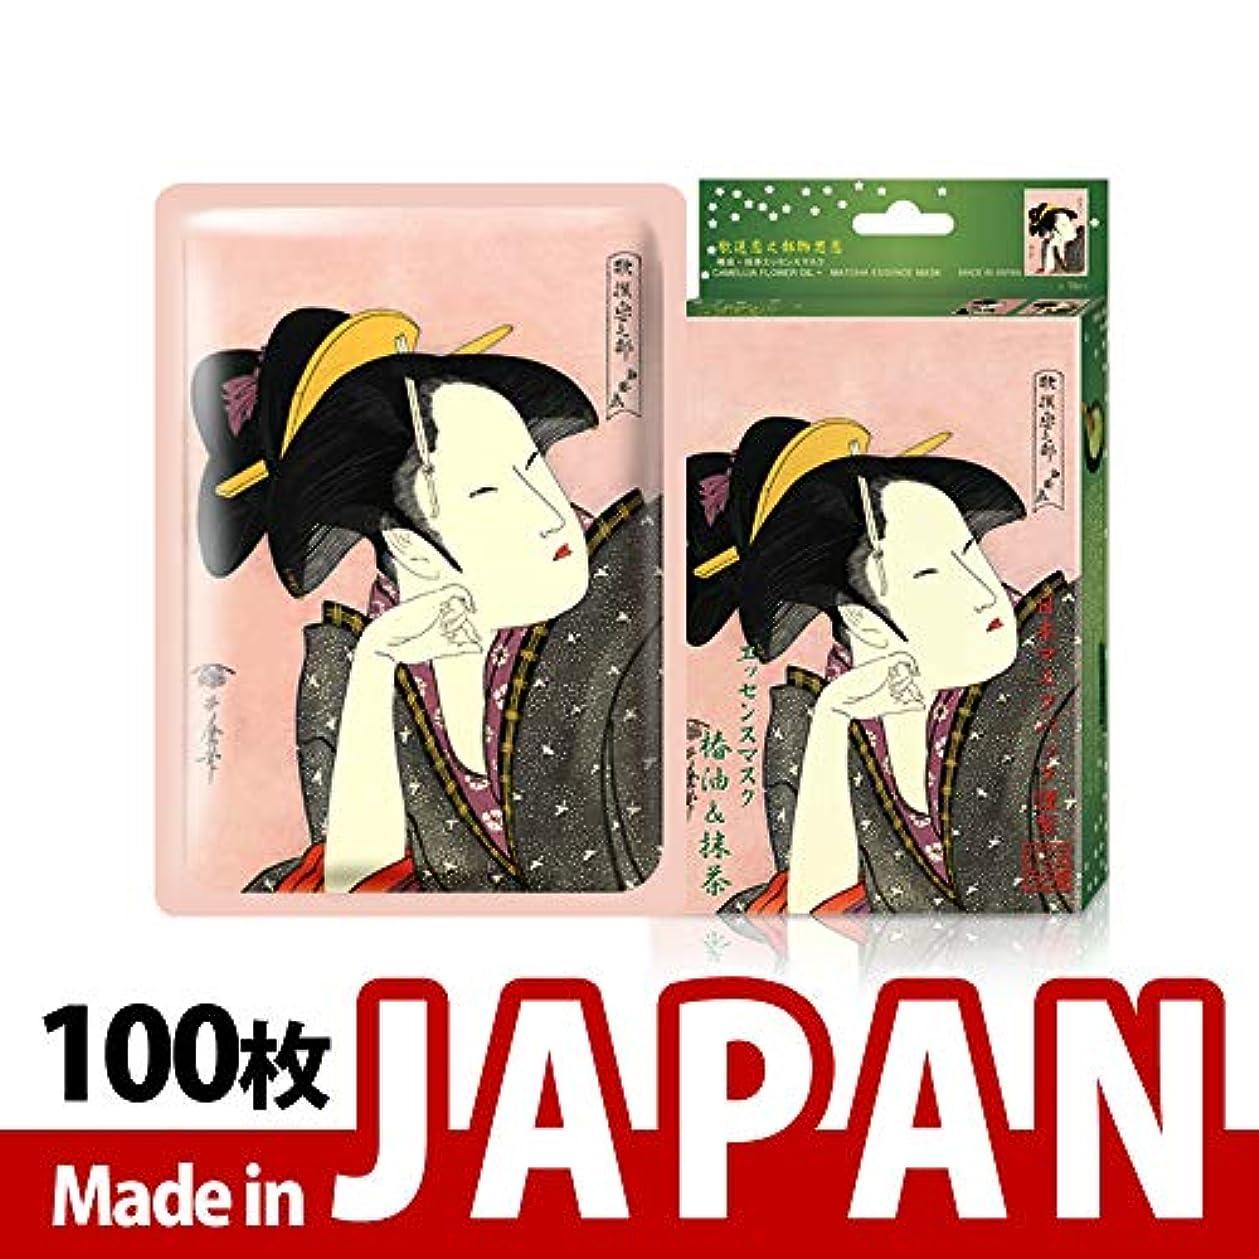 海藻割り当てるはずMITOMO【JP005-A-1】日本製シートマスク/10枚入り/100枚/美容液/マスクパック/送料無料